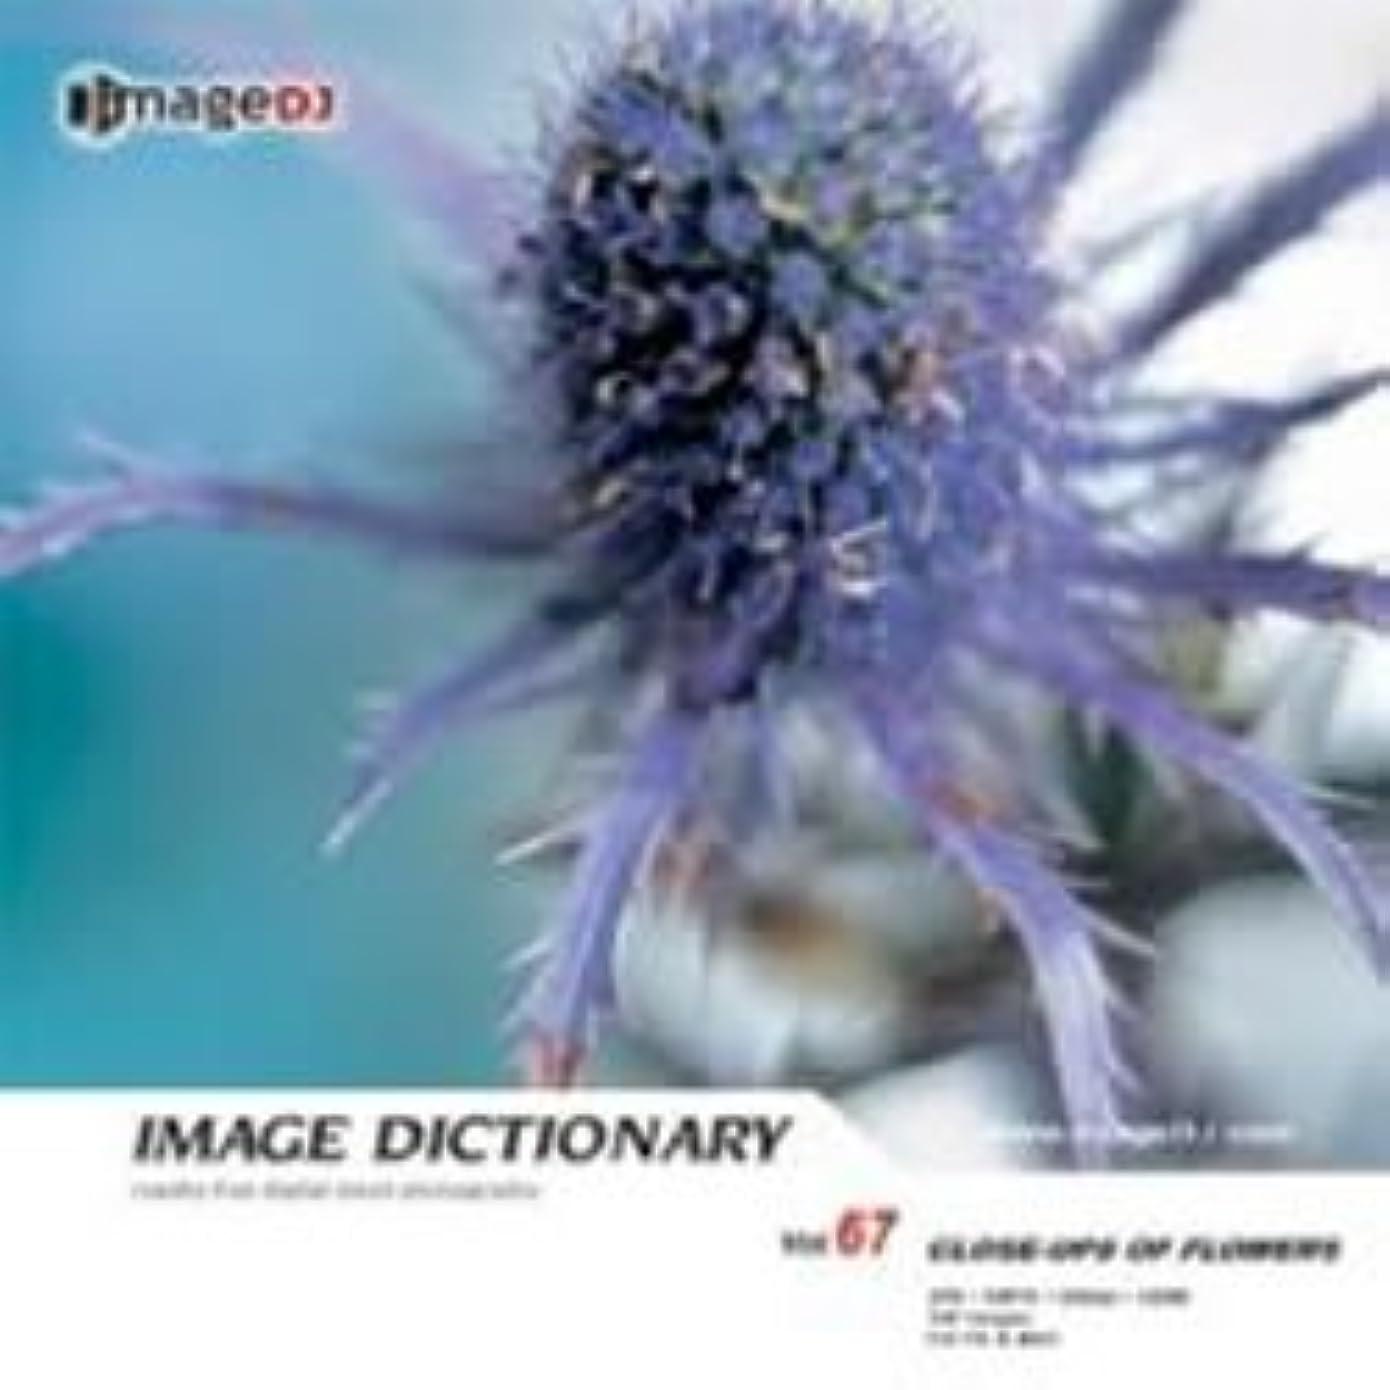 無限大実行インデックスイメージ ディクショナリー Vol.67 花の接写